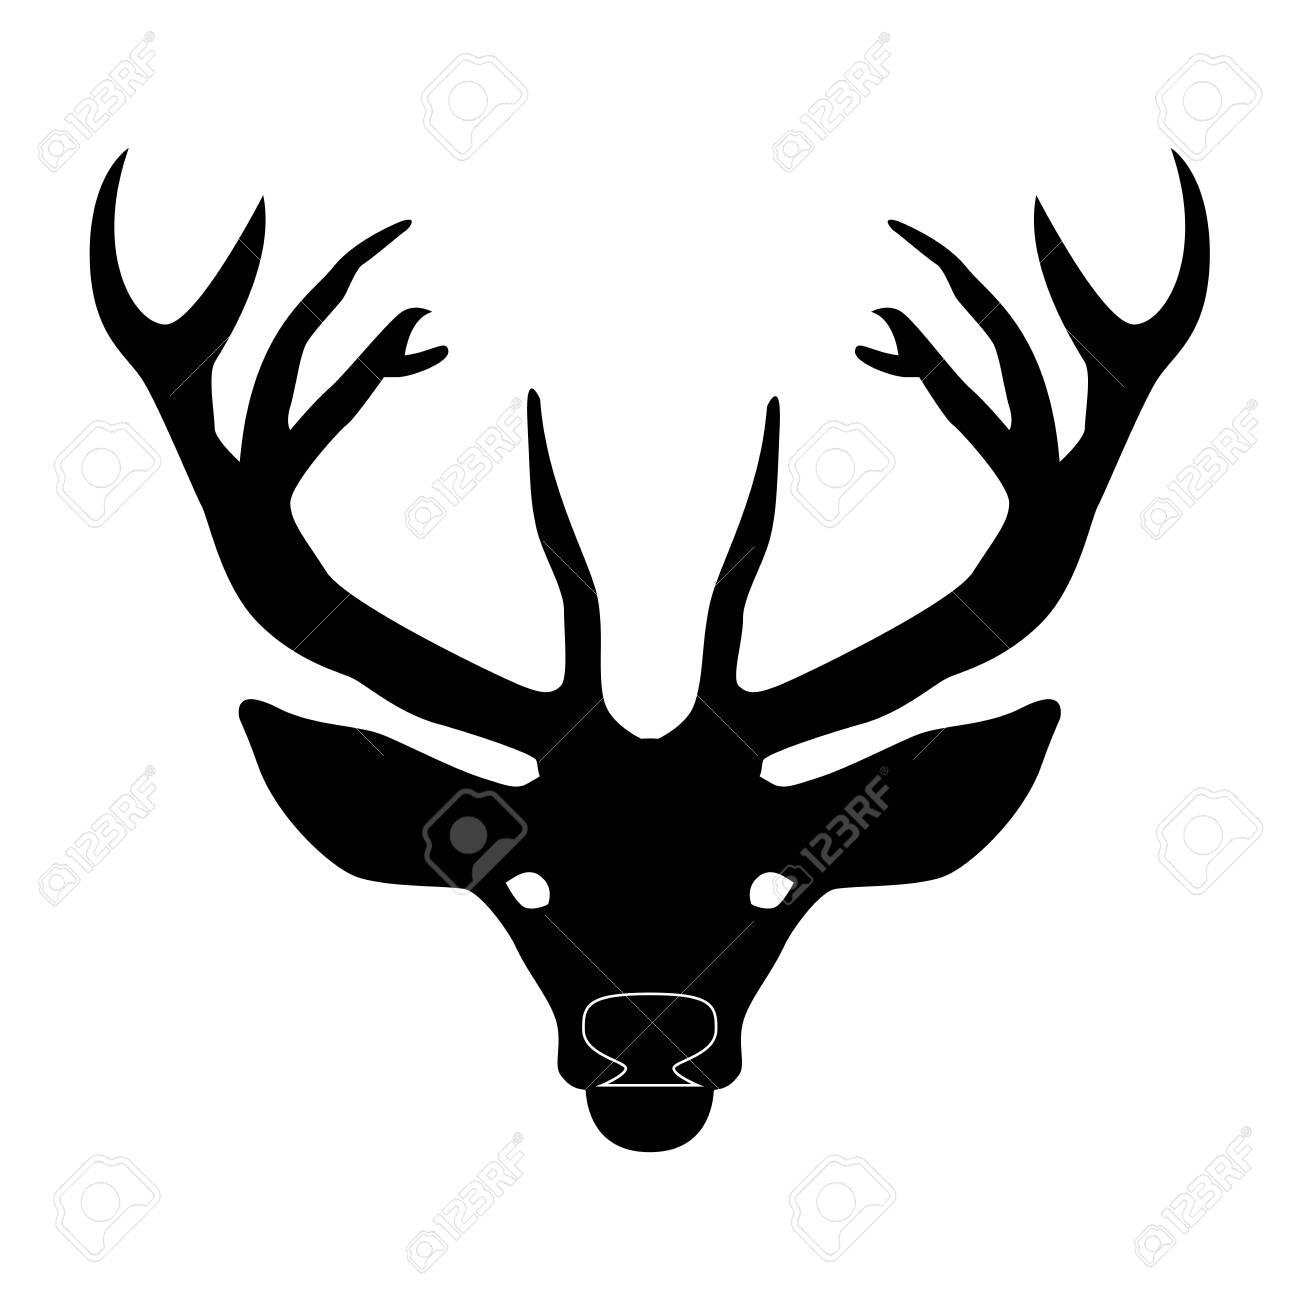 Deer head with horns - 123286132